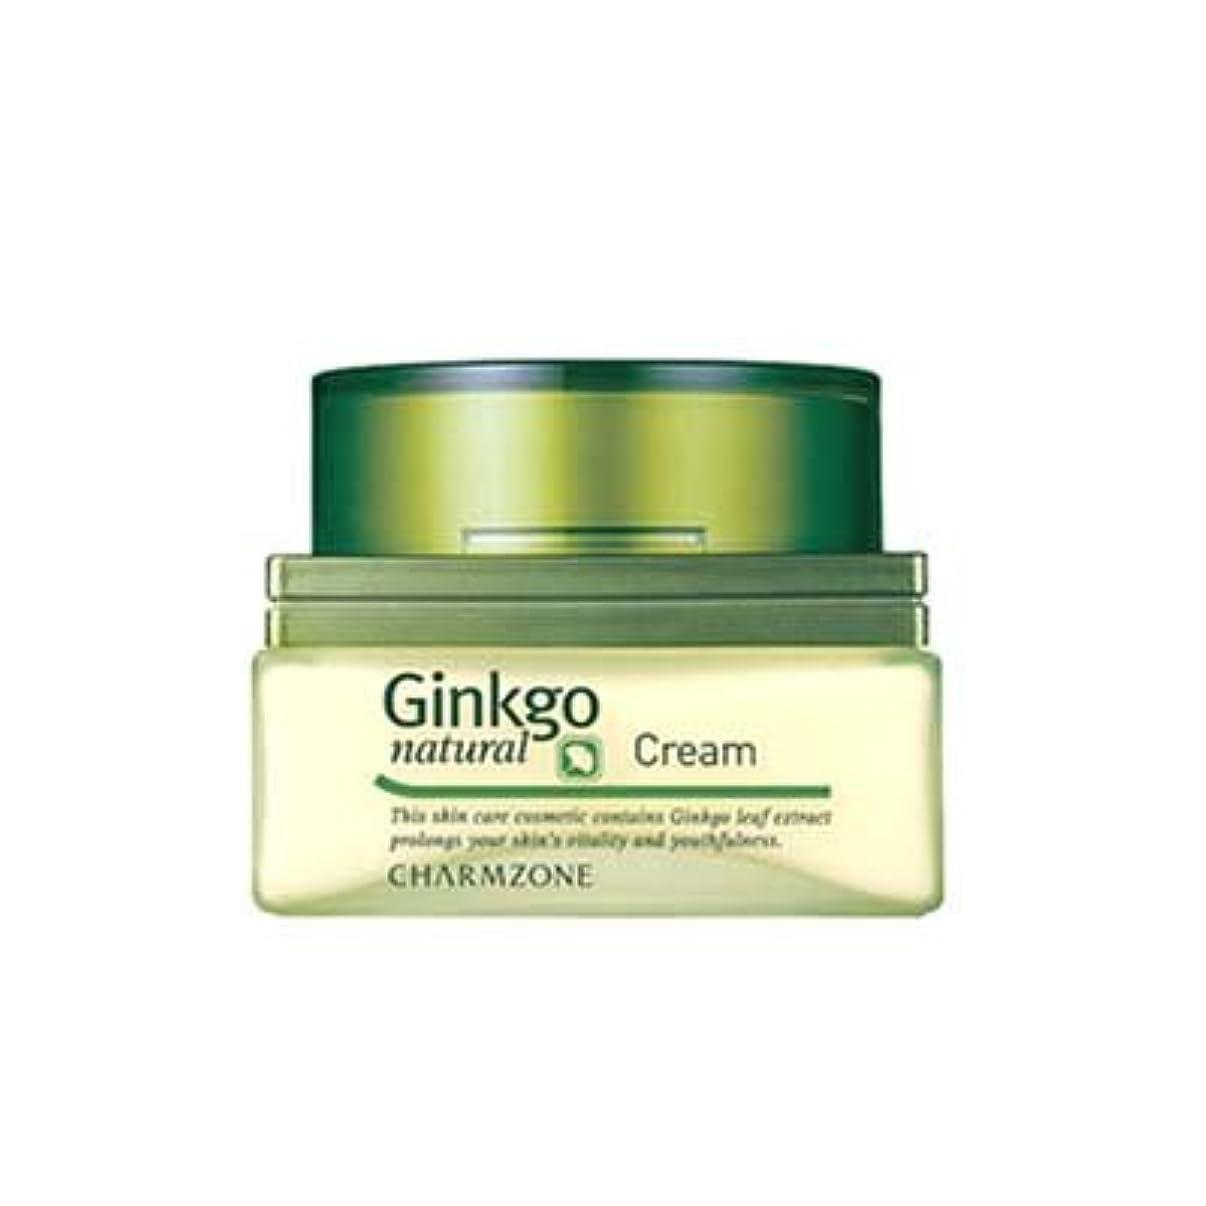 行進状況理容師チャームゾーン Ginkgo natural (ジンコナチュラル) クリーム 60ml